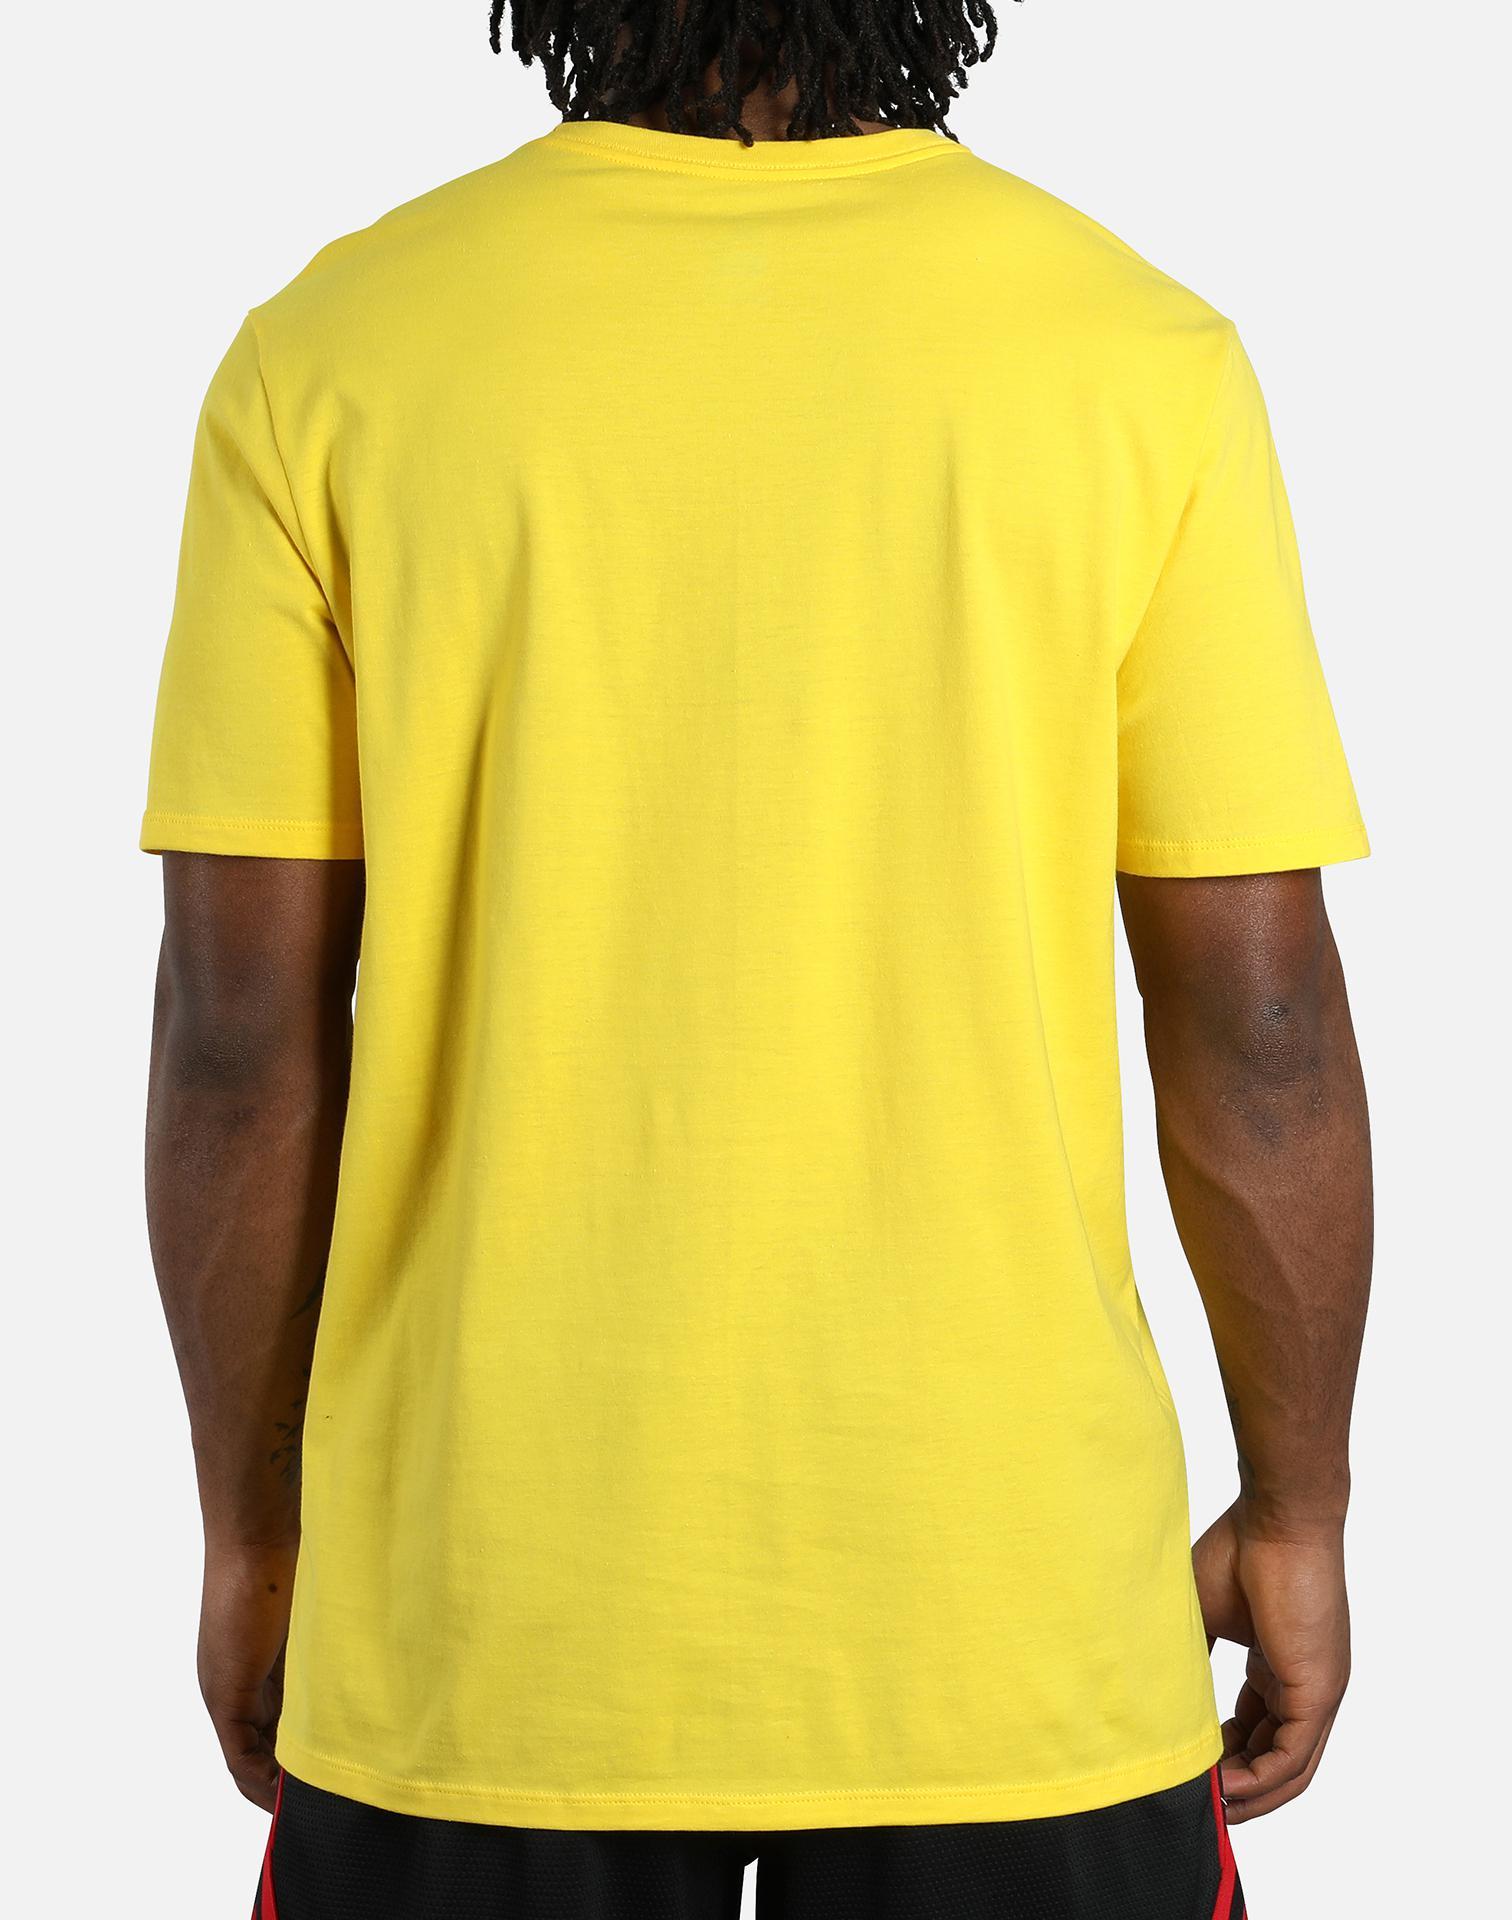 Lyst - Nike Jsw Last Shot Gfx Tee in Yellow for Men 5b0095d9aa